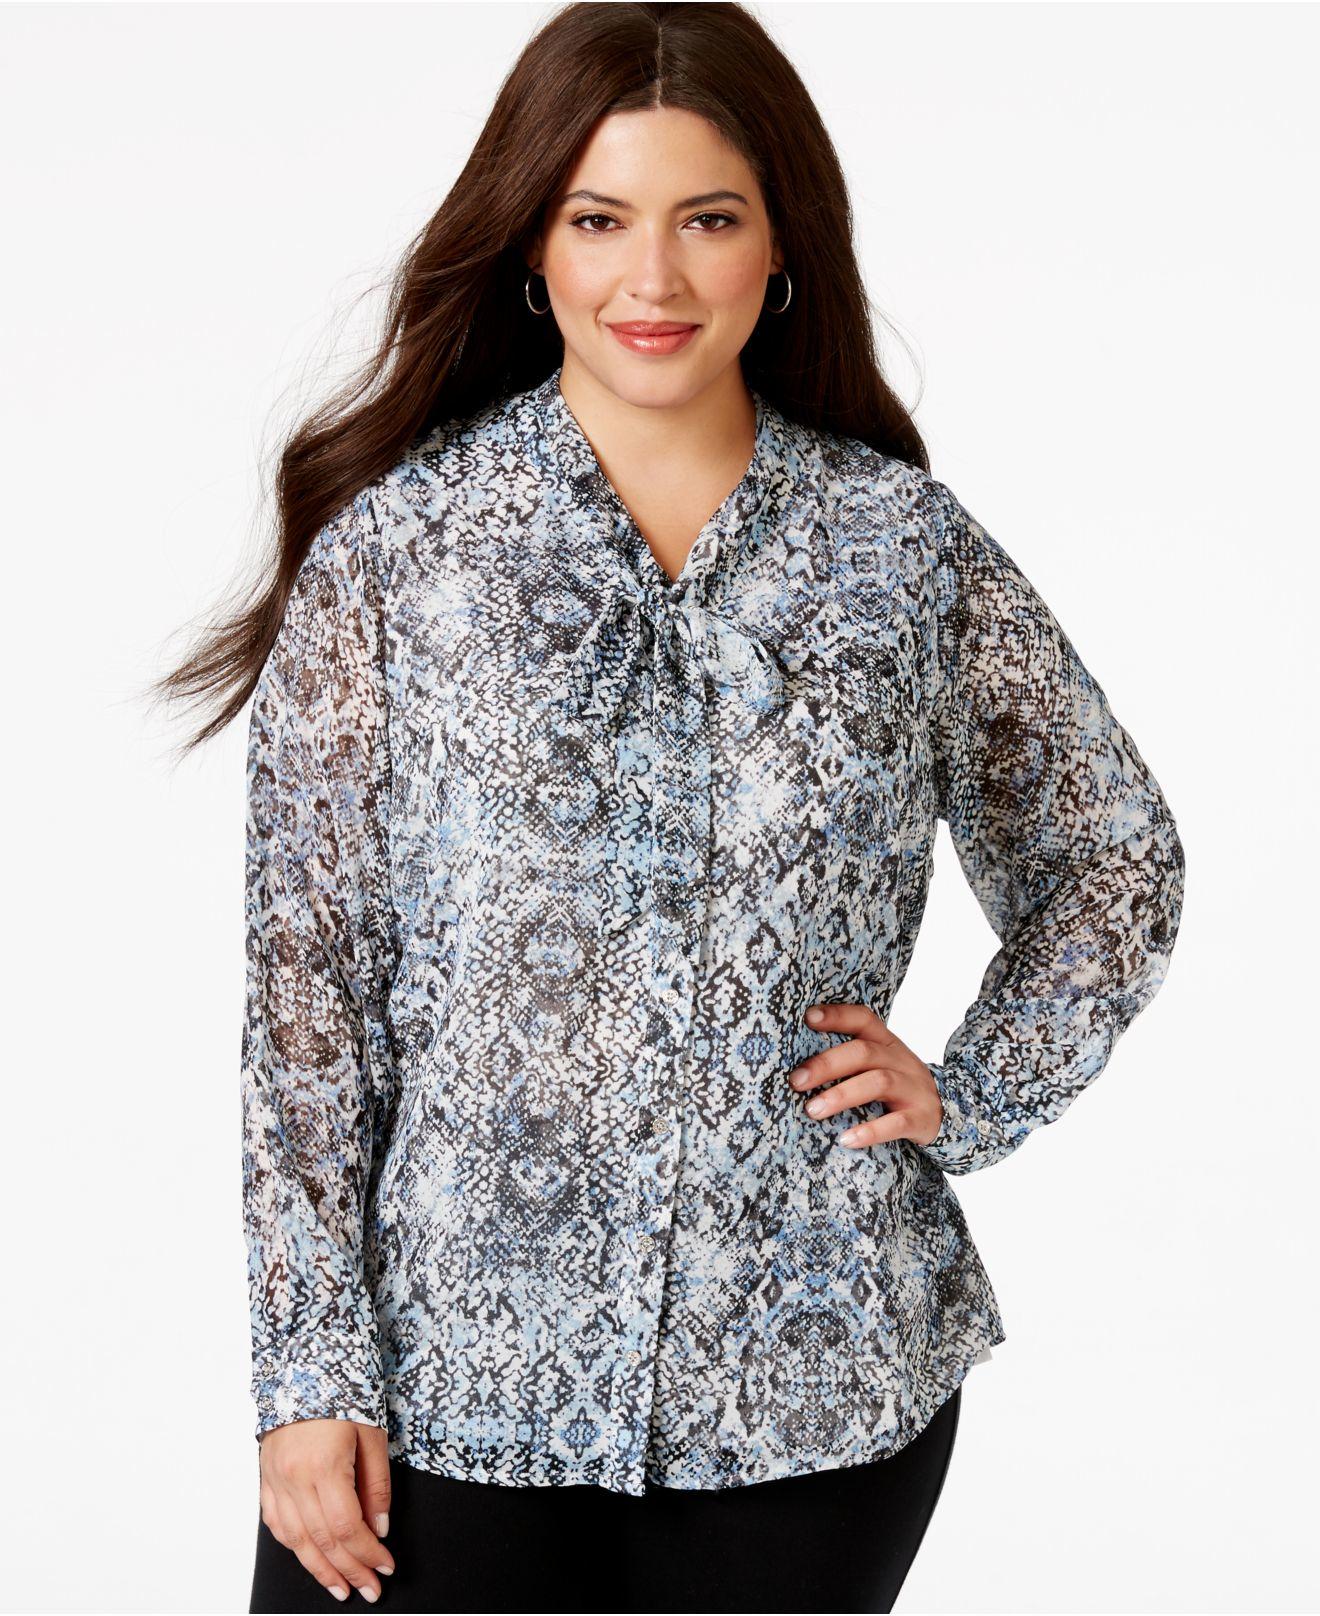 Neckline Drawing : Blouse plus size online murah lace henley